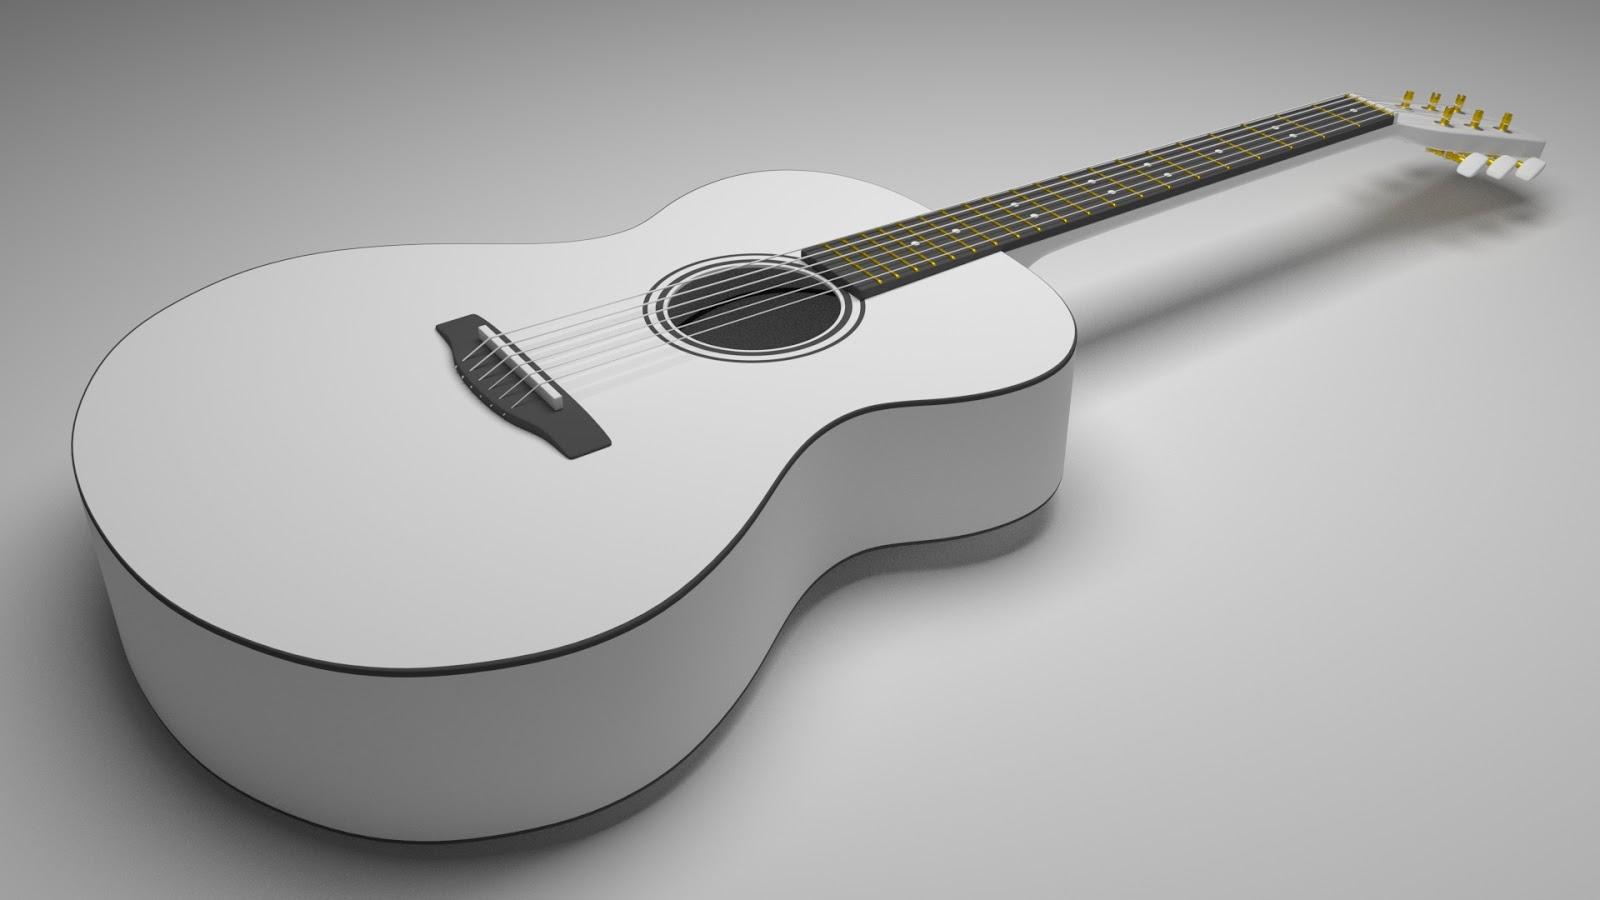 Free 3D Acoustic Guitar .blend file